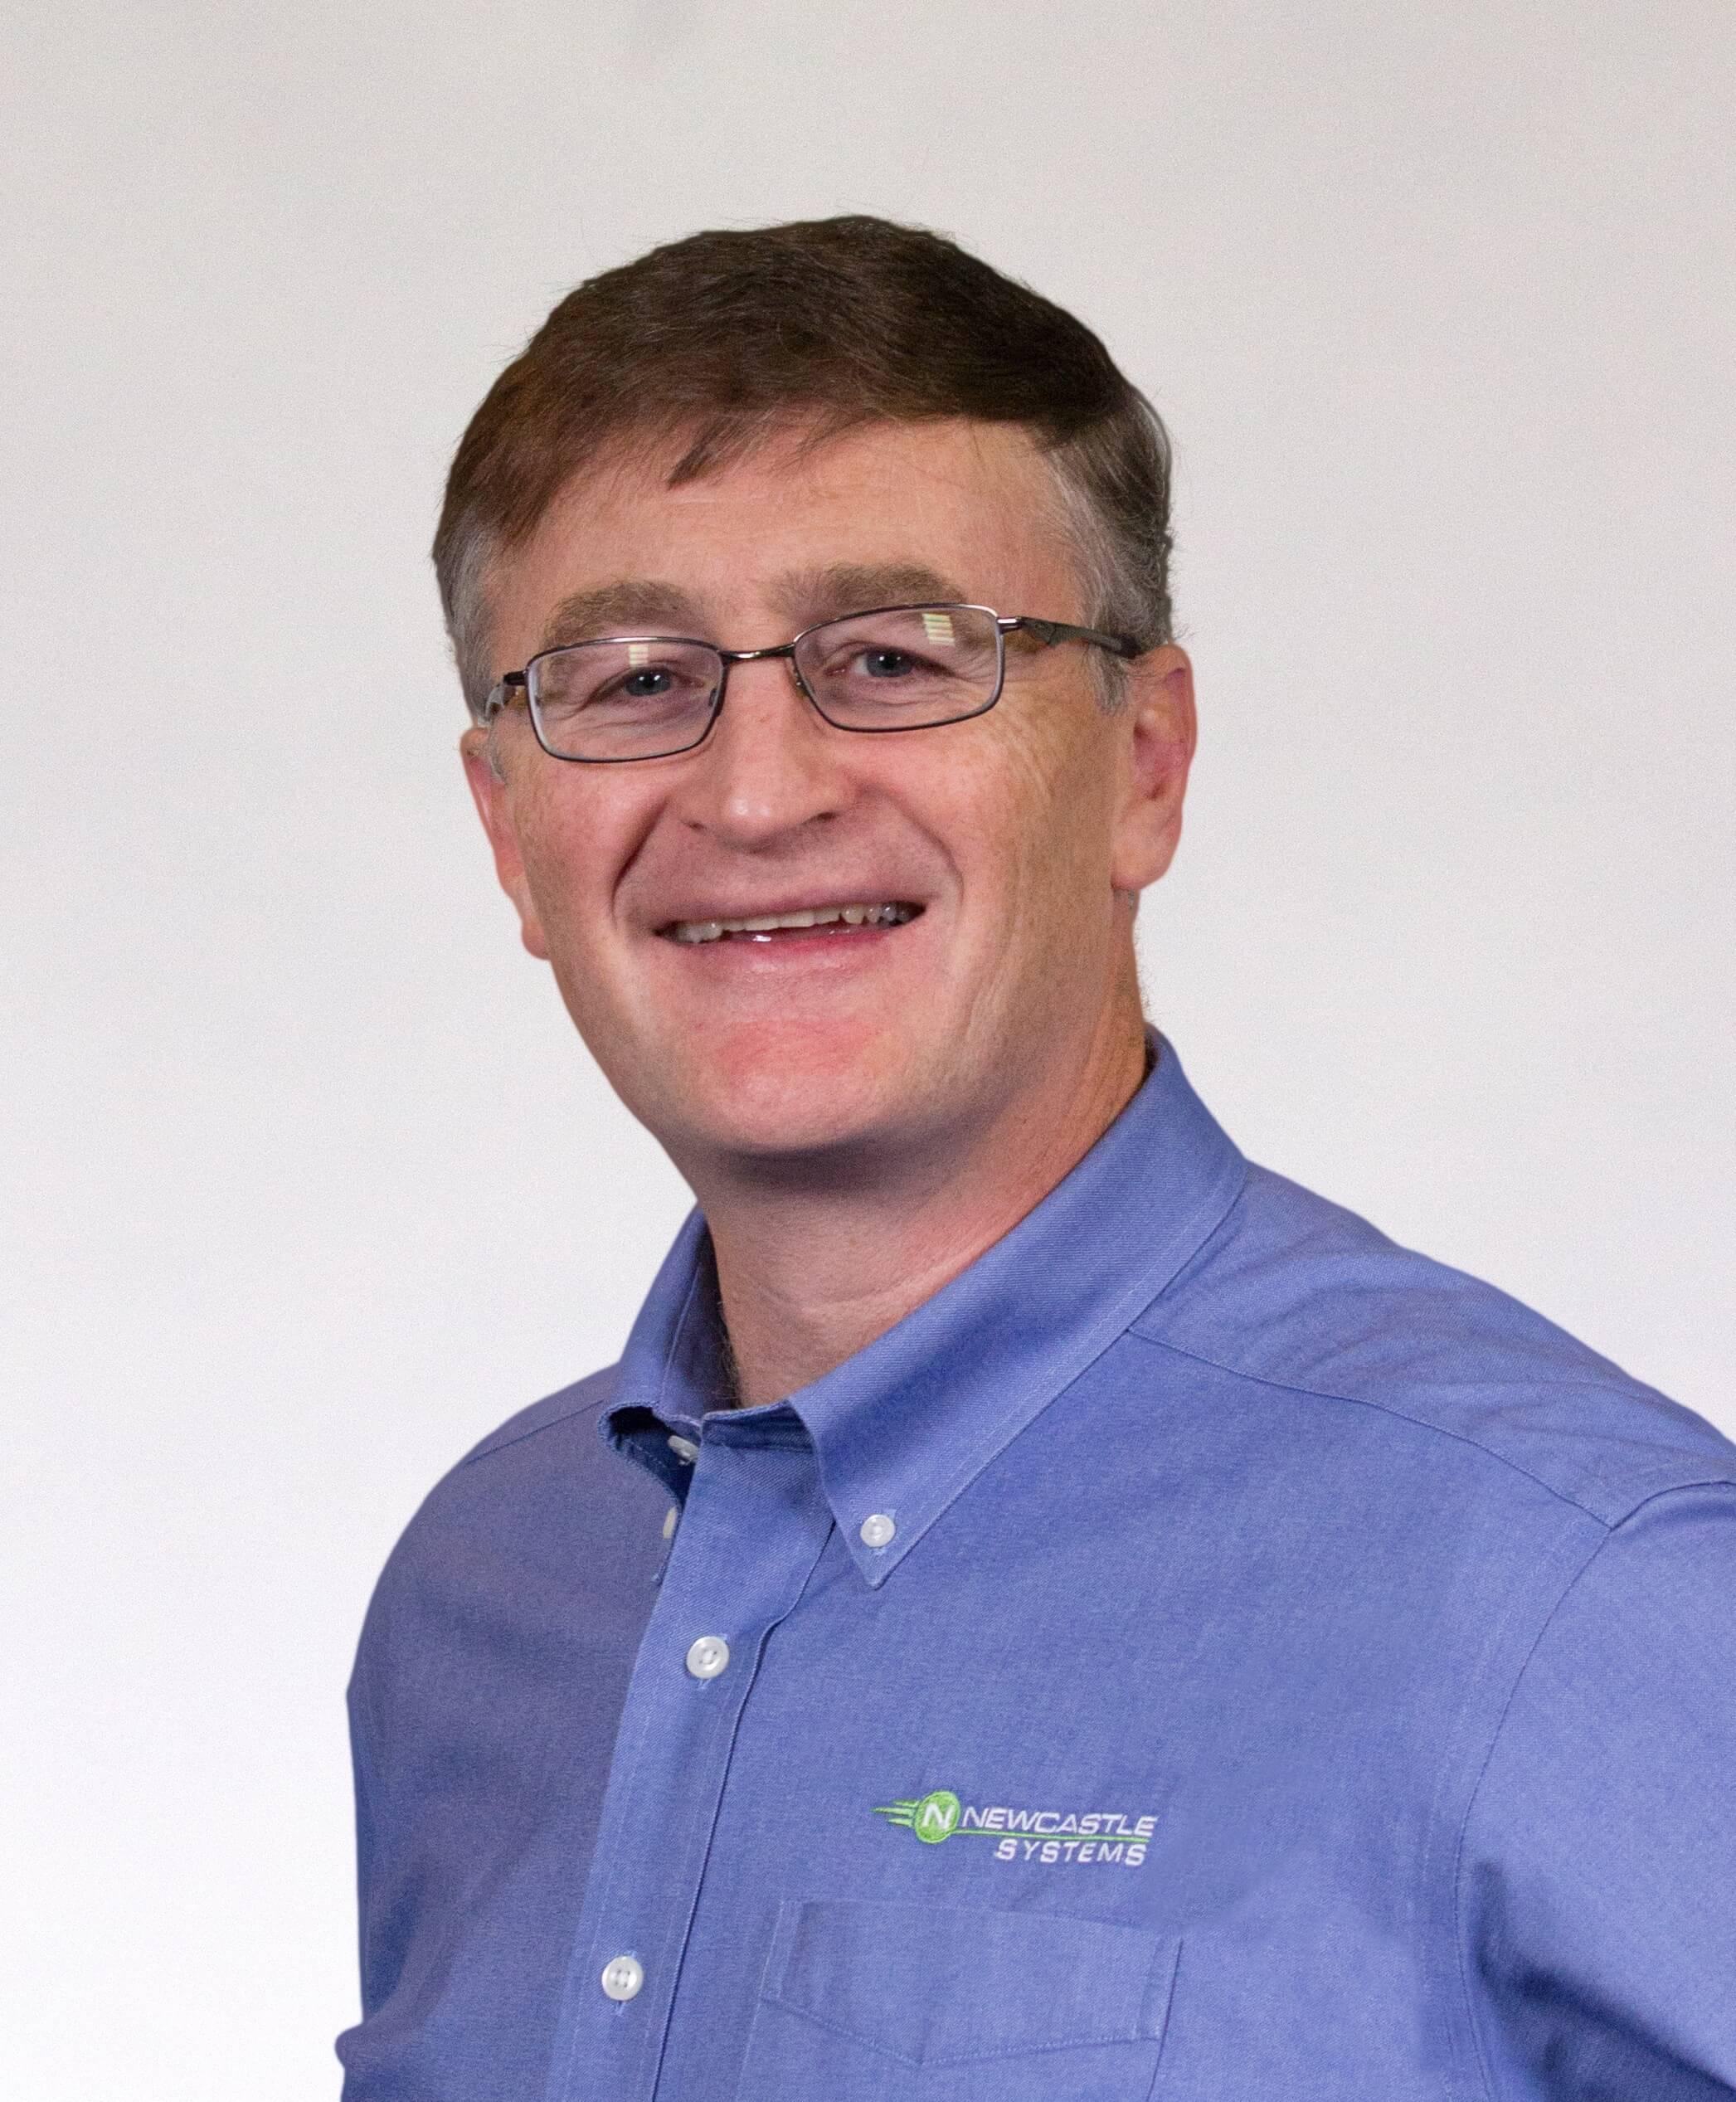 John O'Kelly